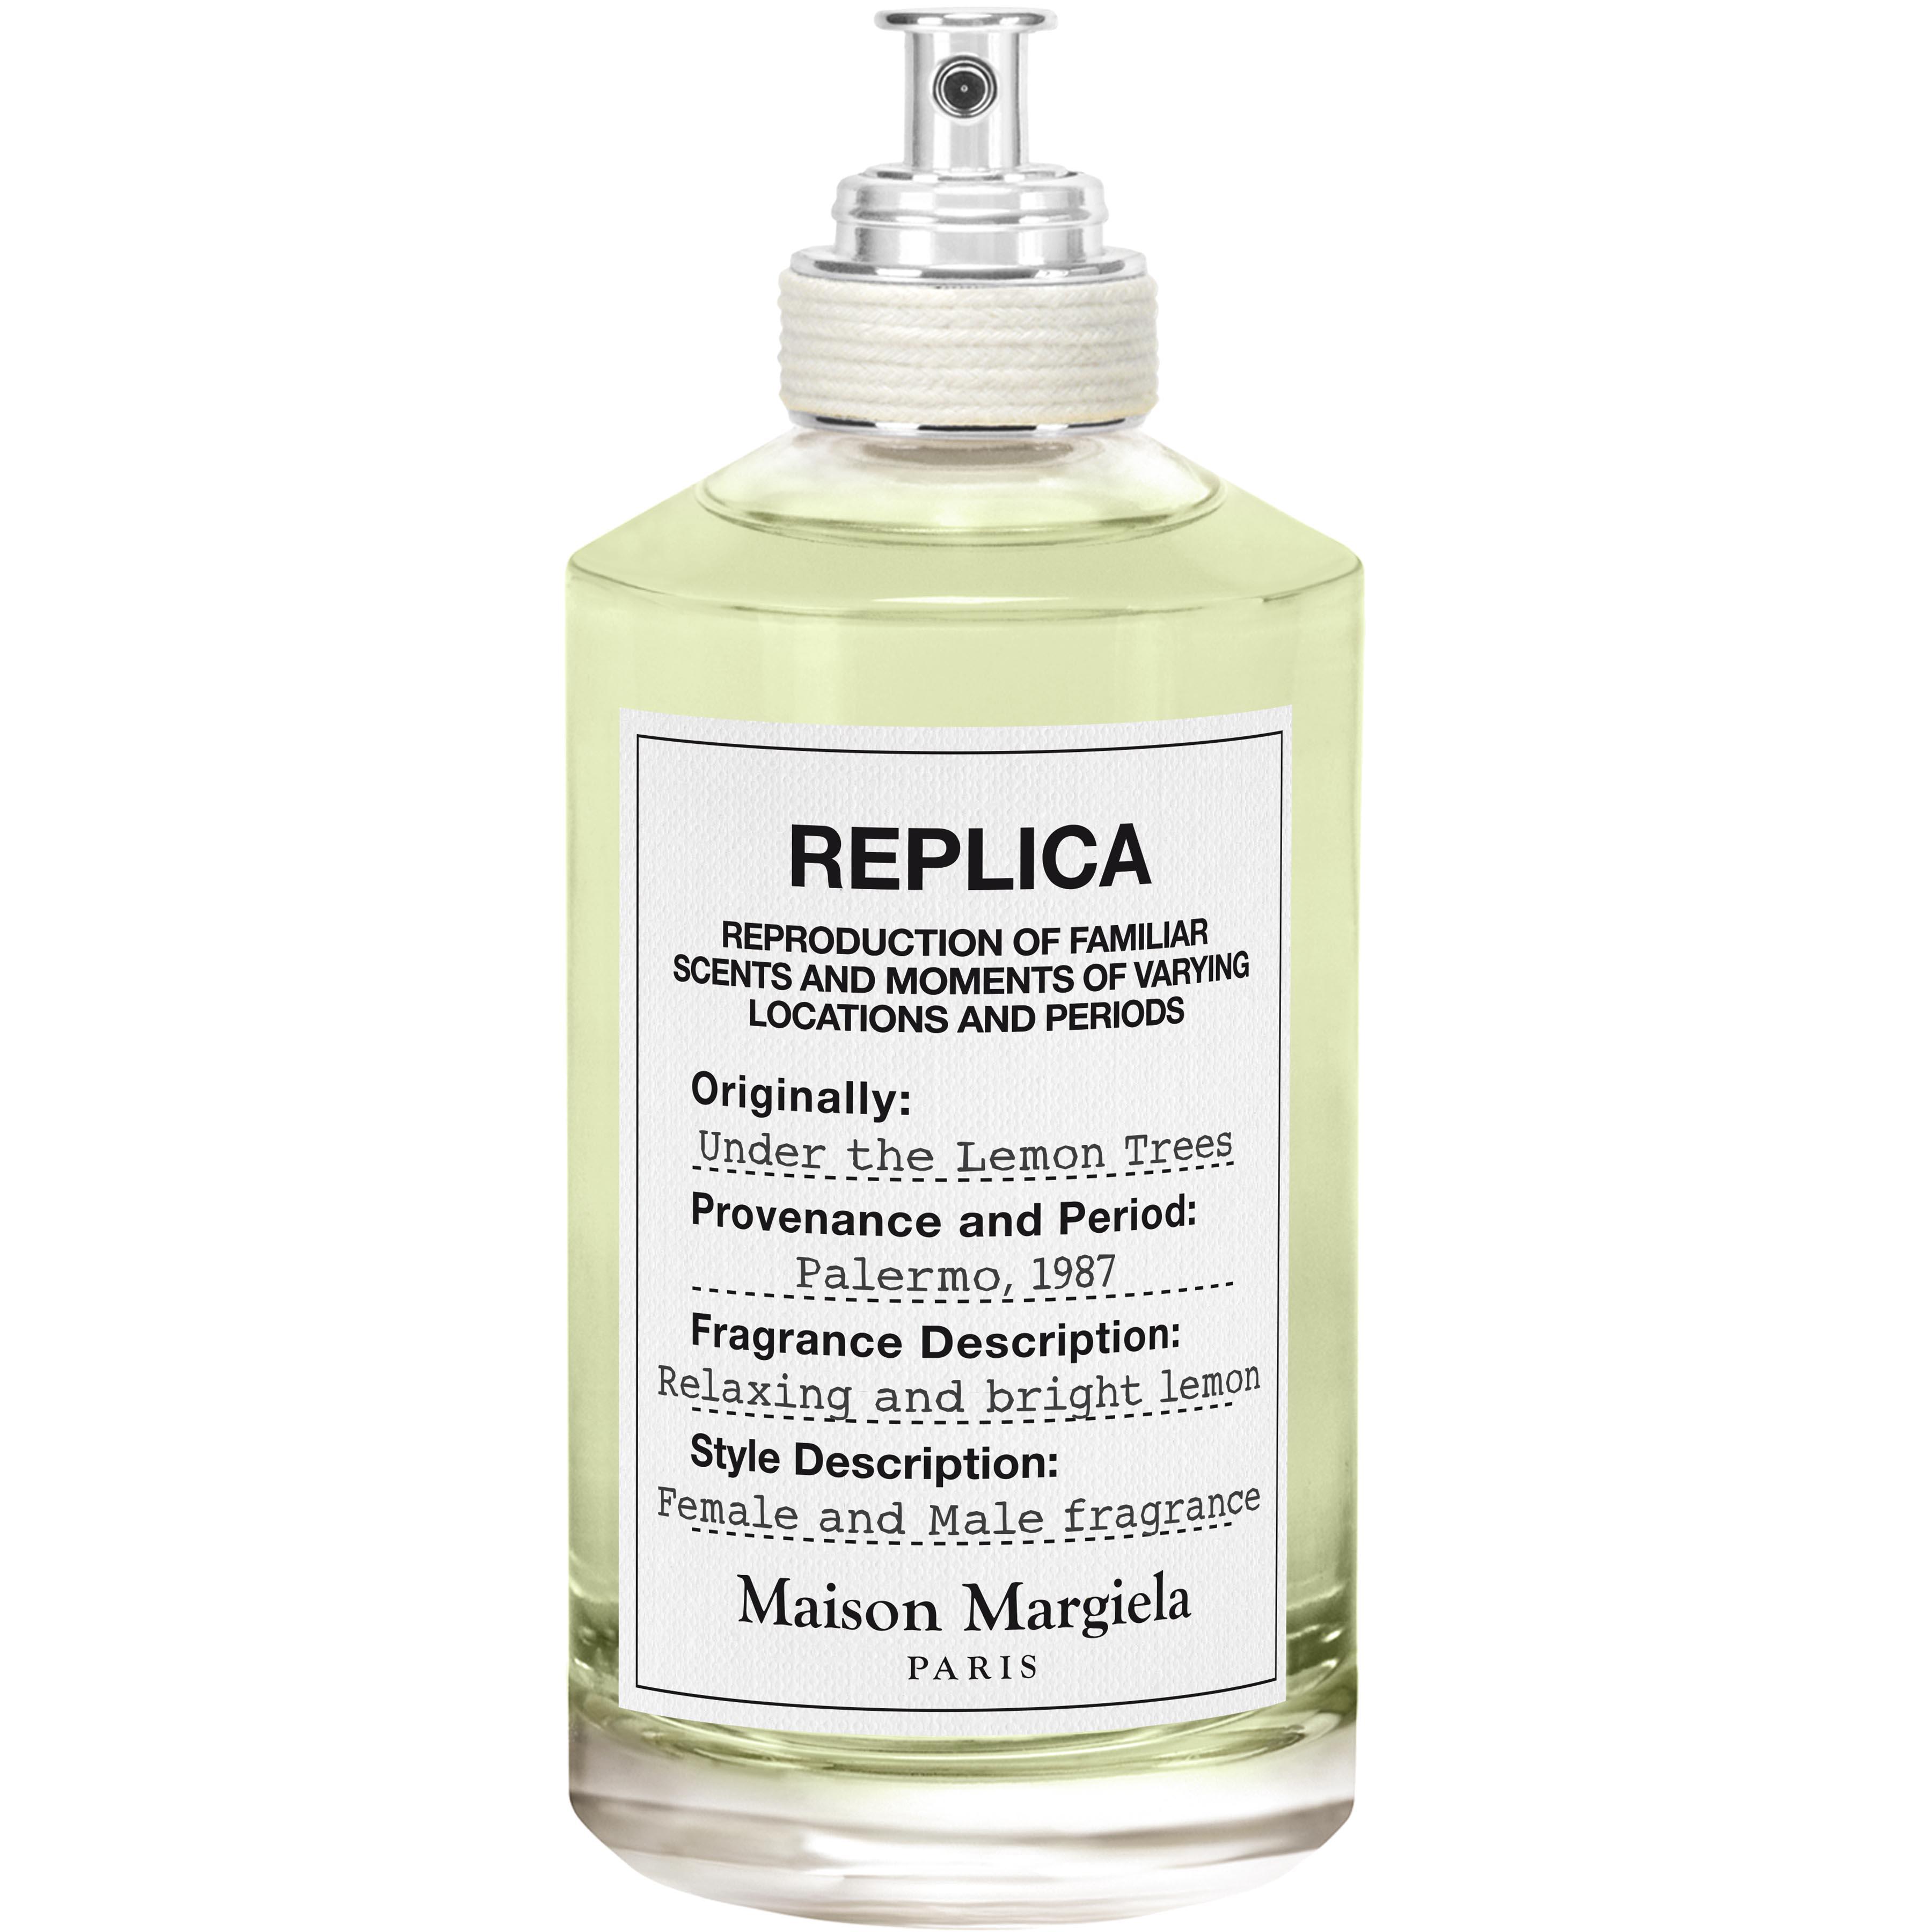 Die besten Parfums 2019 für Männer: Maison Margiela Replica